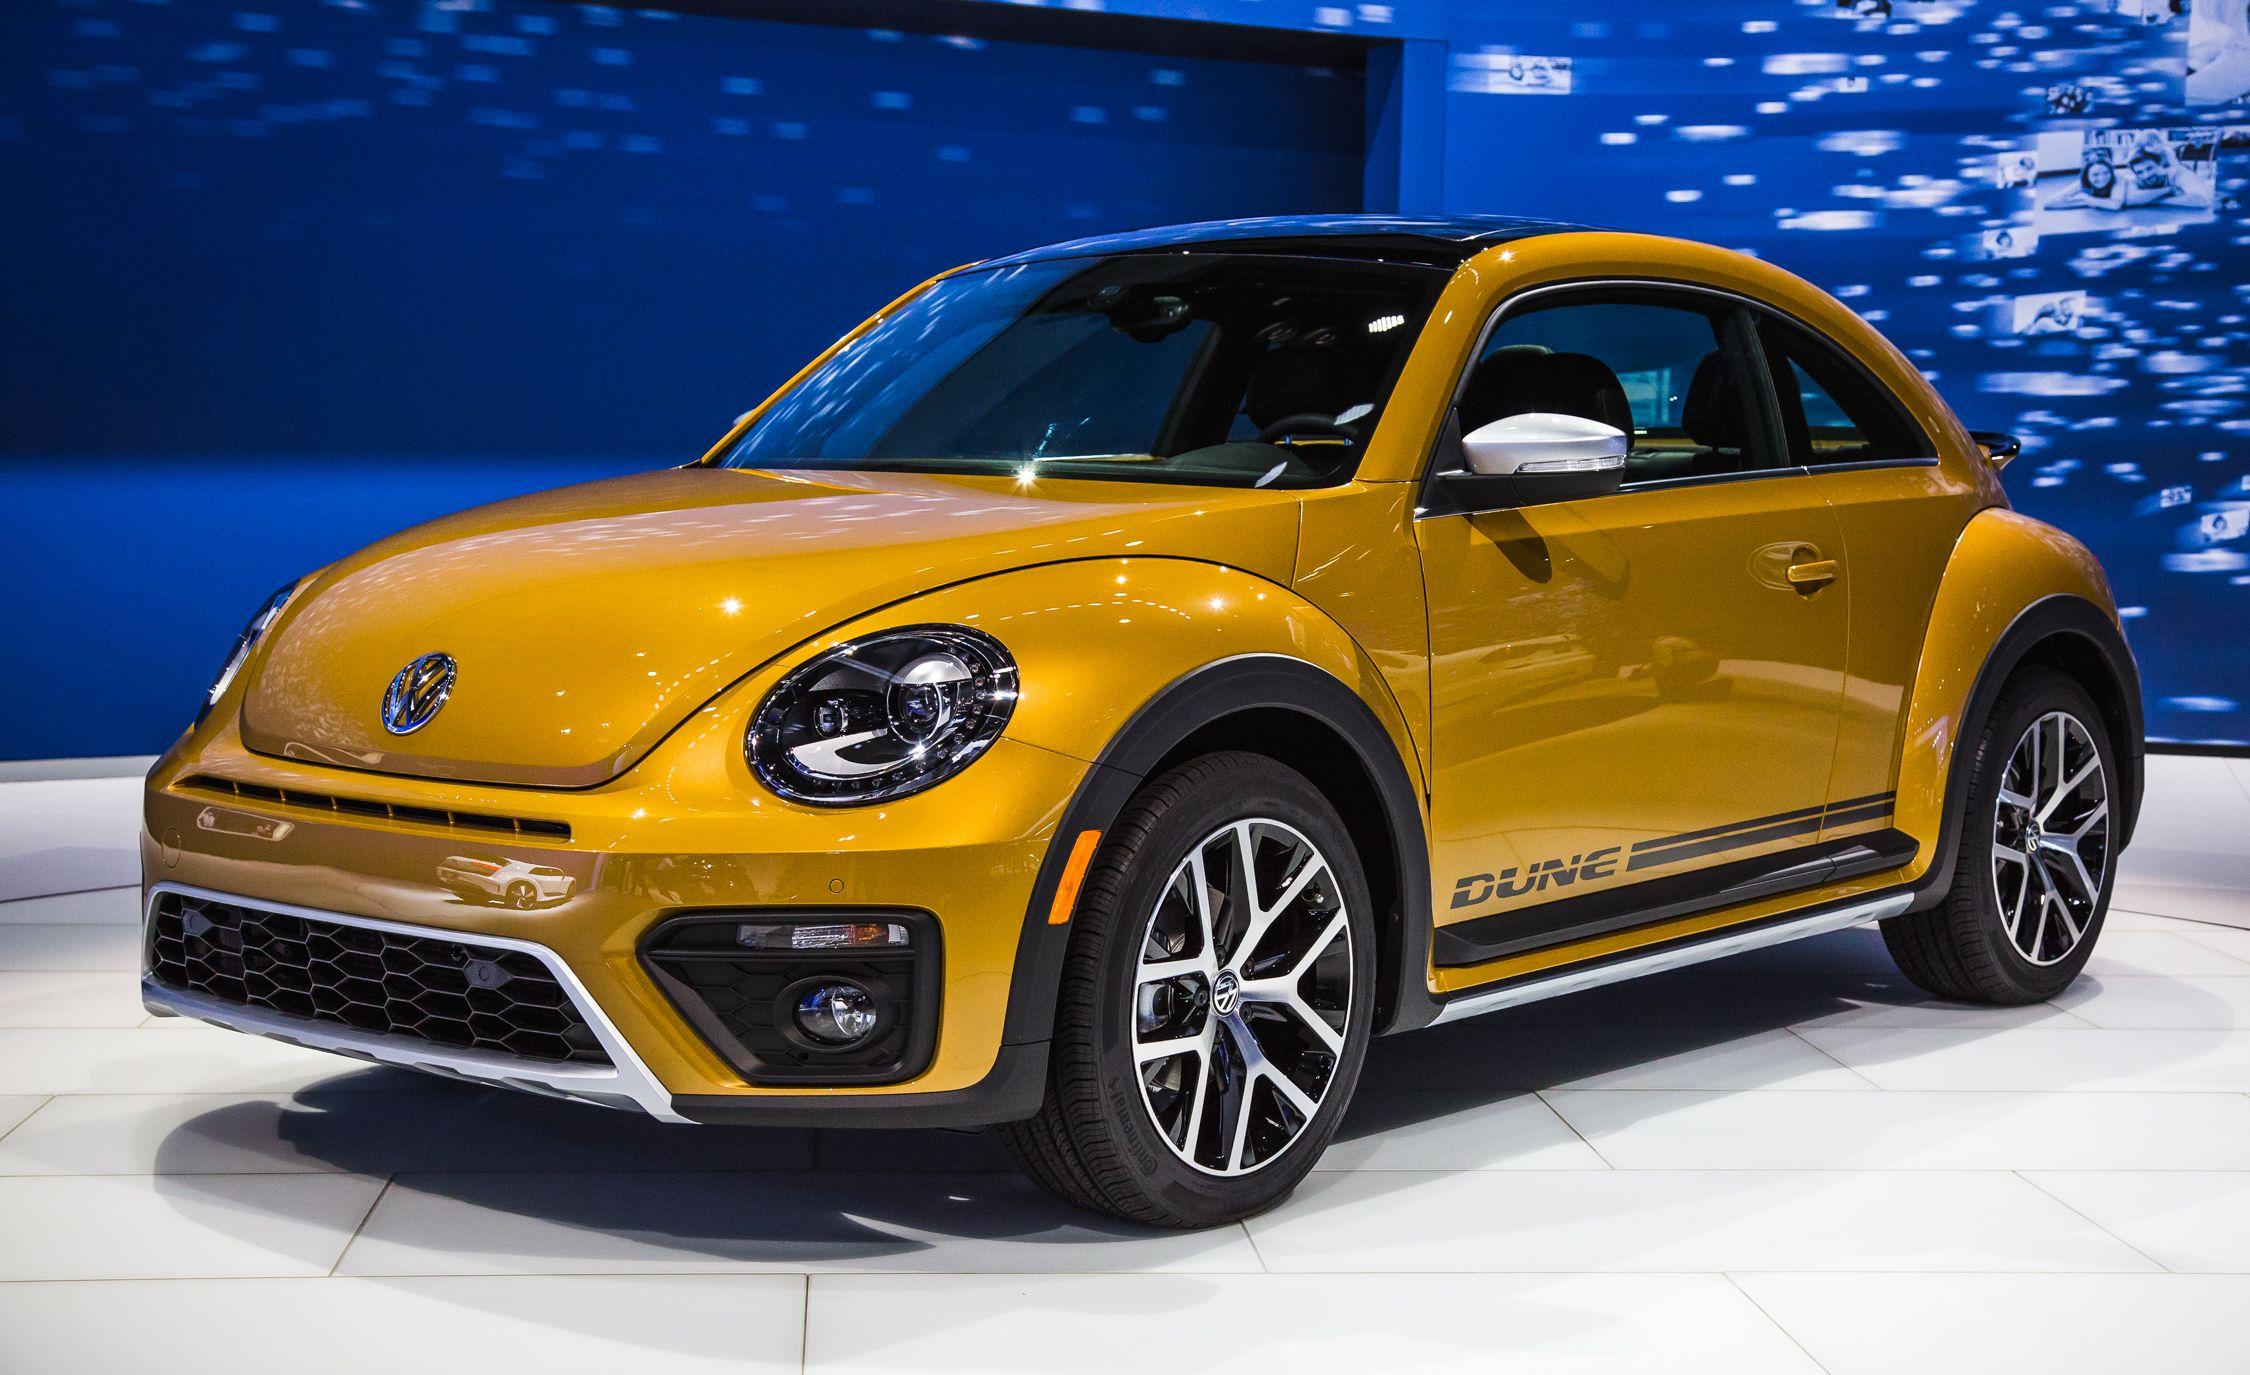 New car colors 2016 - 2016 Volkswagen Beetle Dune